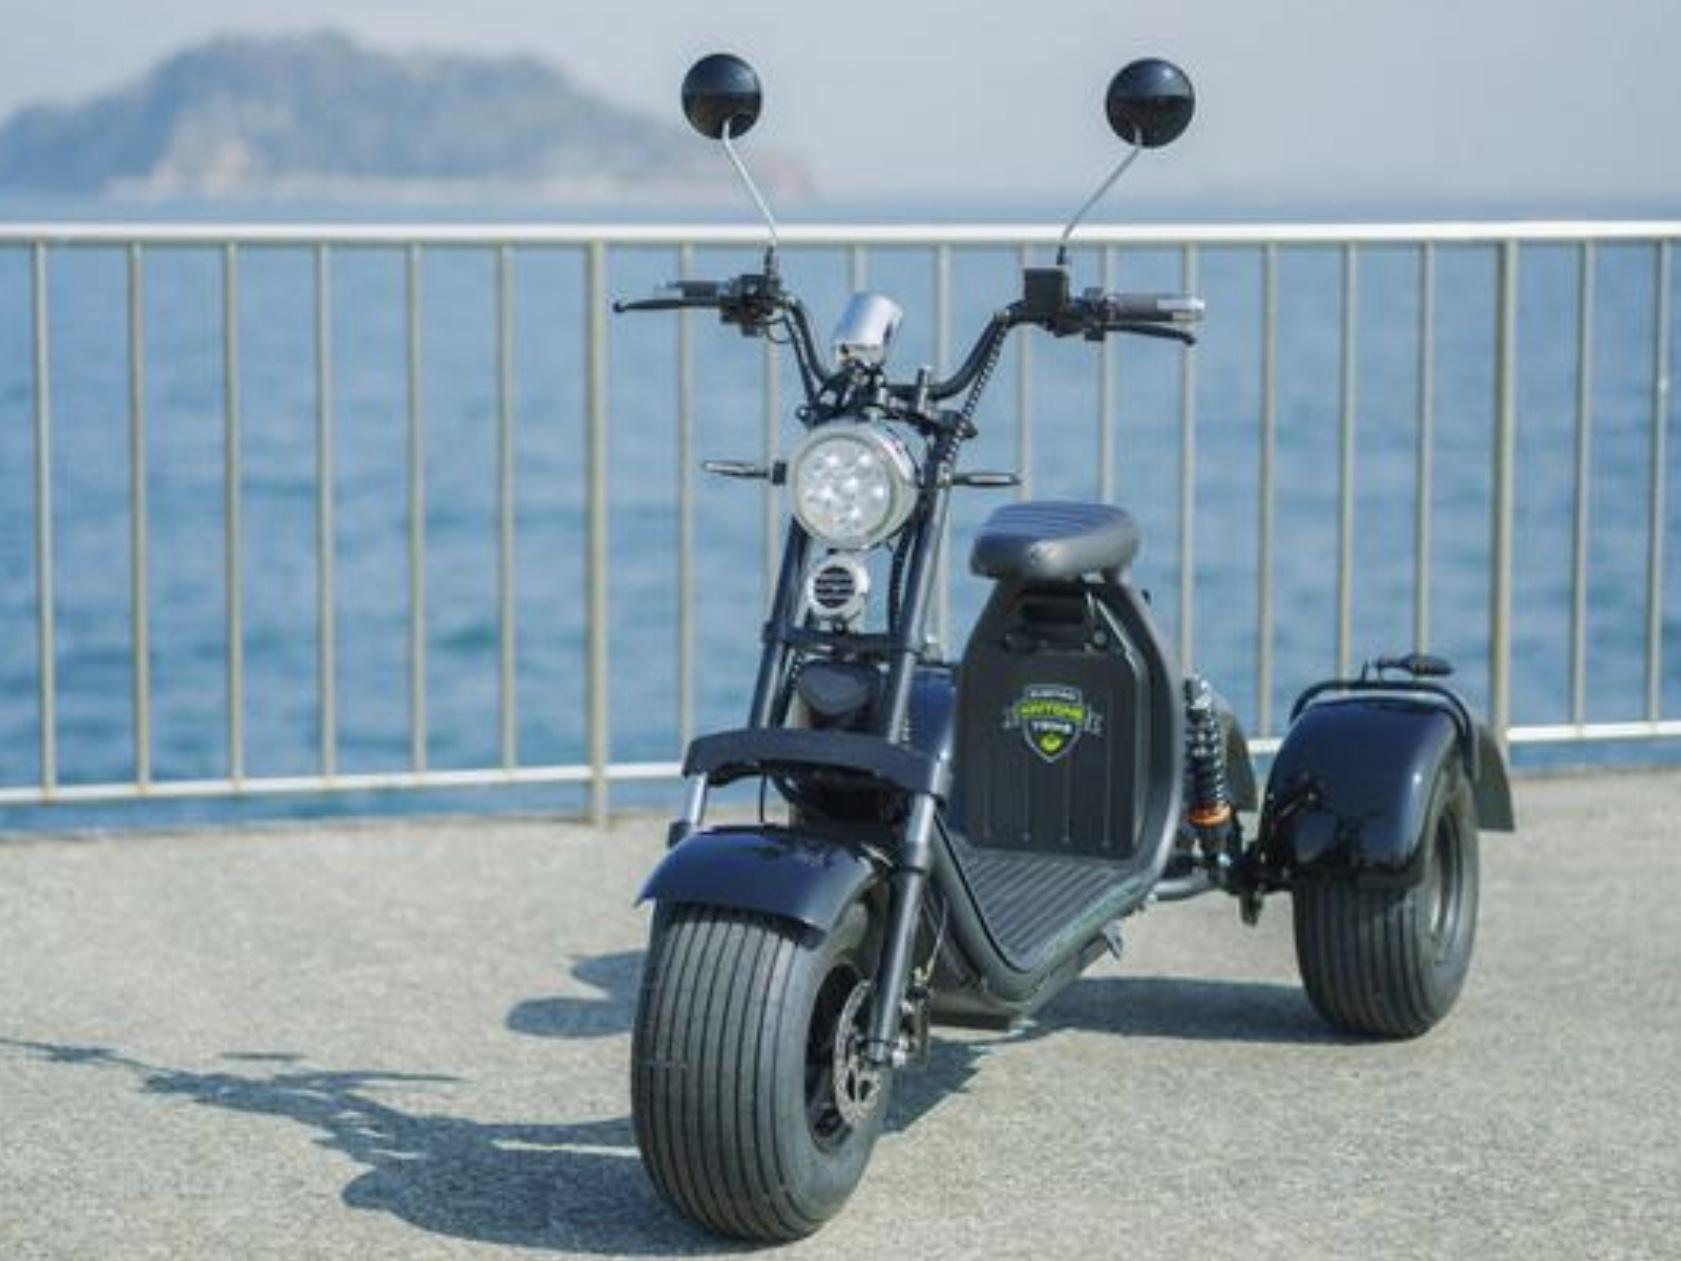 通勤にも使える?! 時速60キロで公道を走行できる電動三輪車「Kintone Trike」